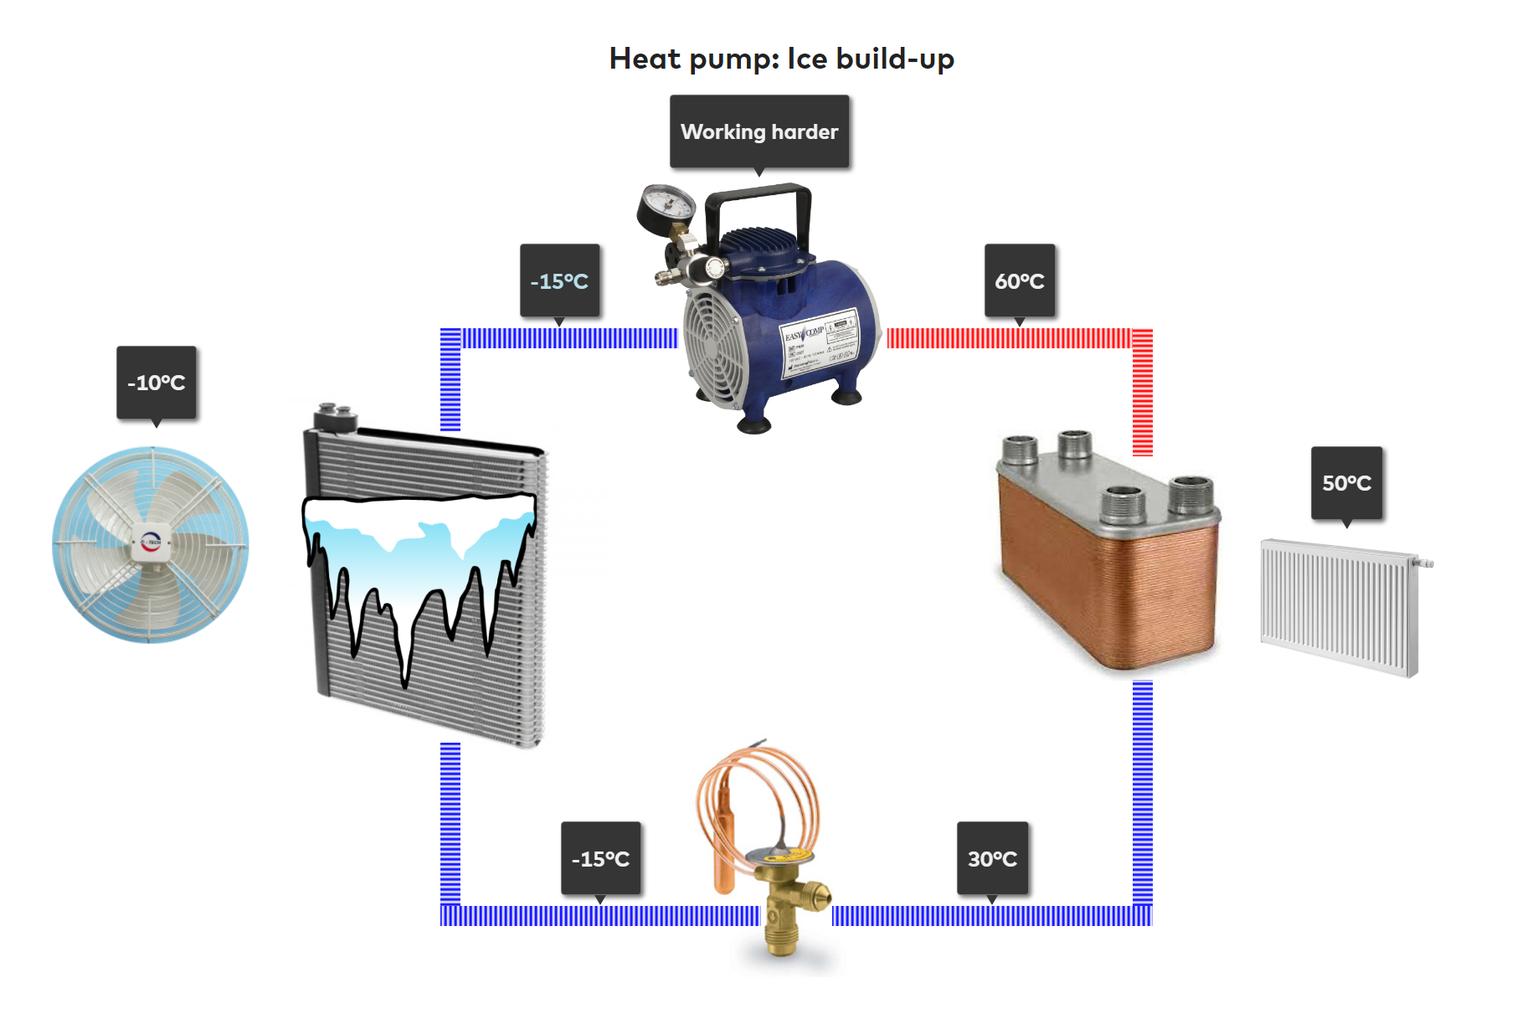 Understand Heat-pump